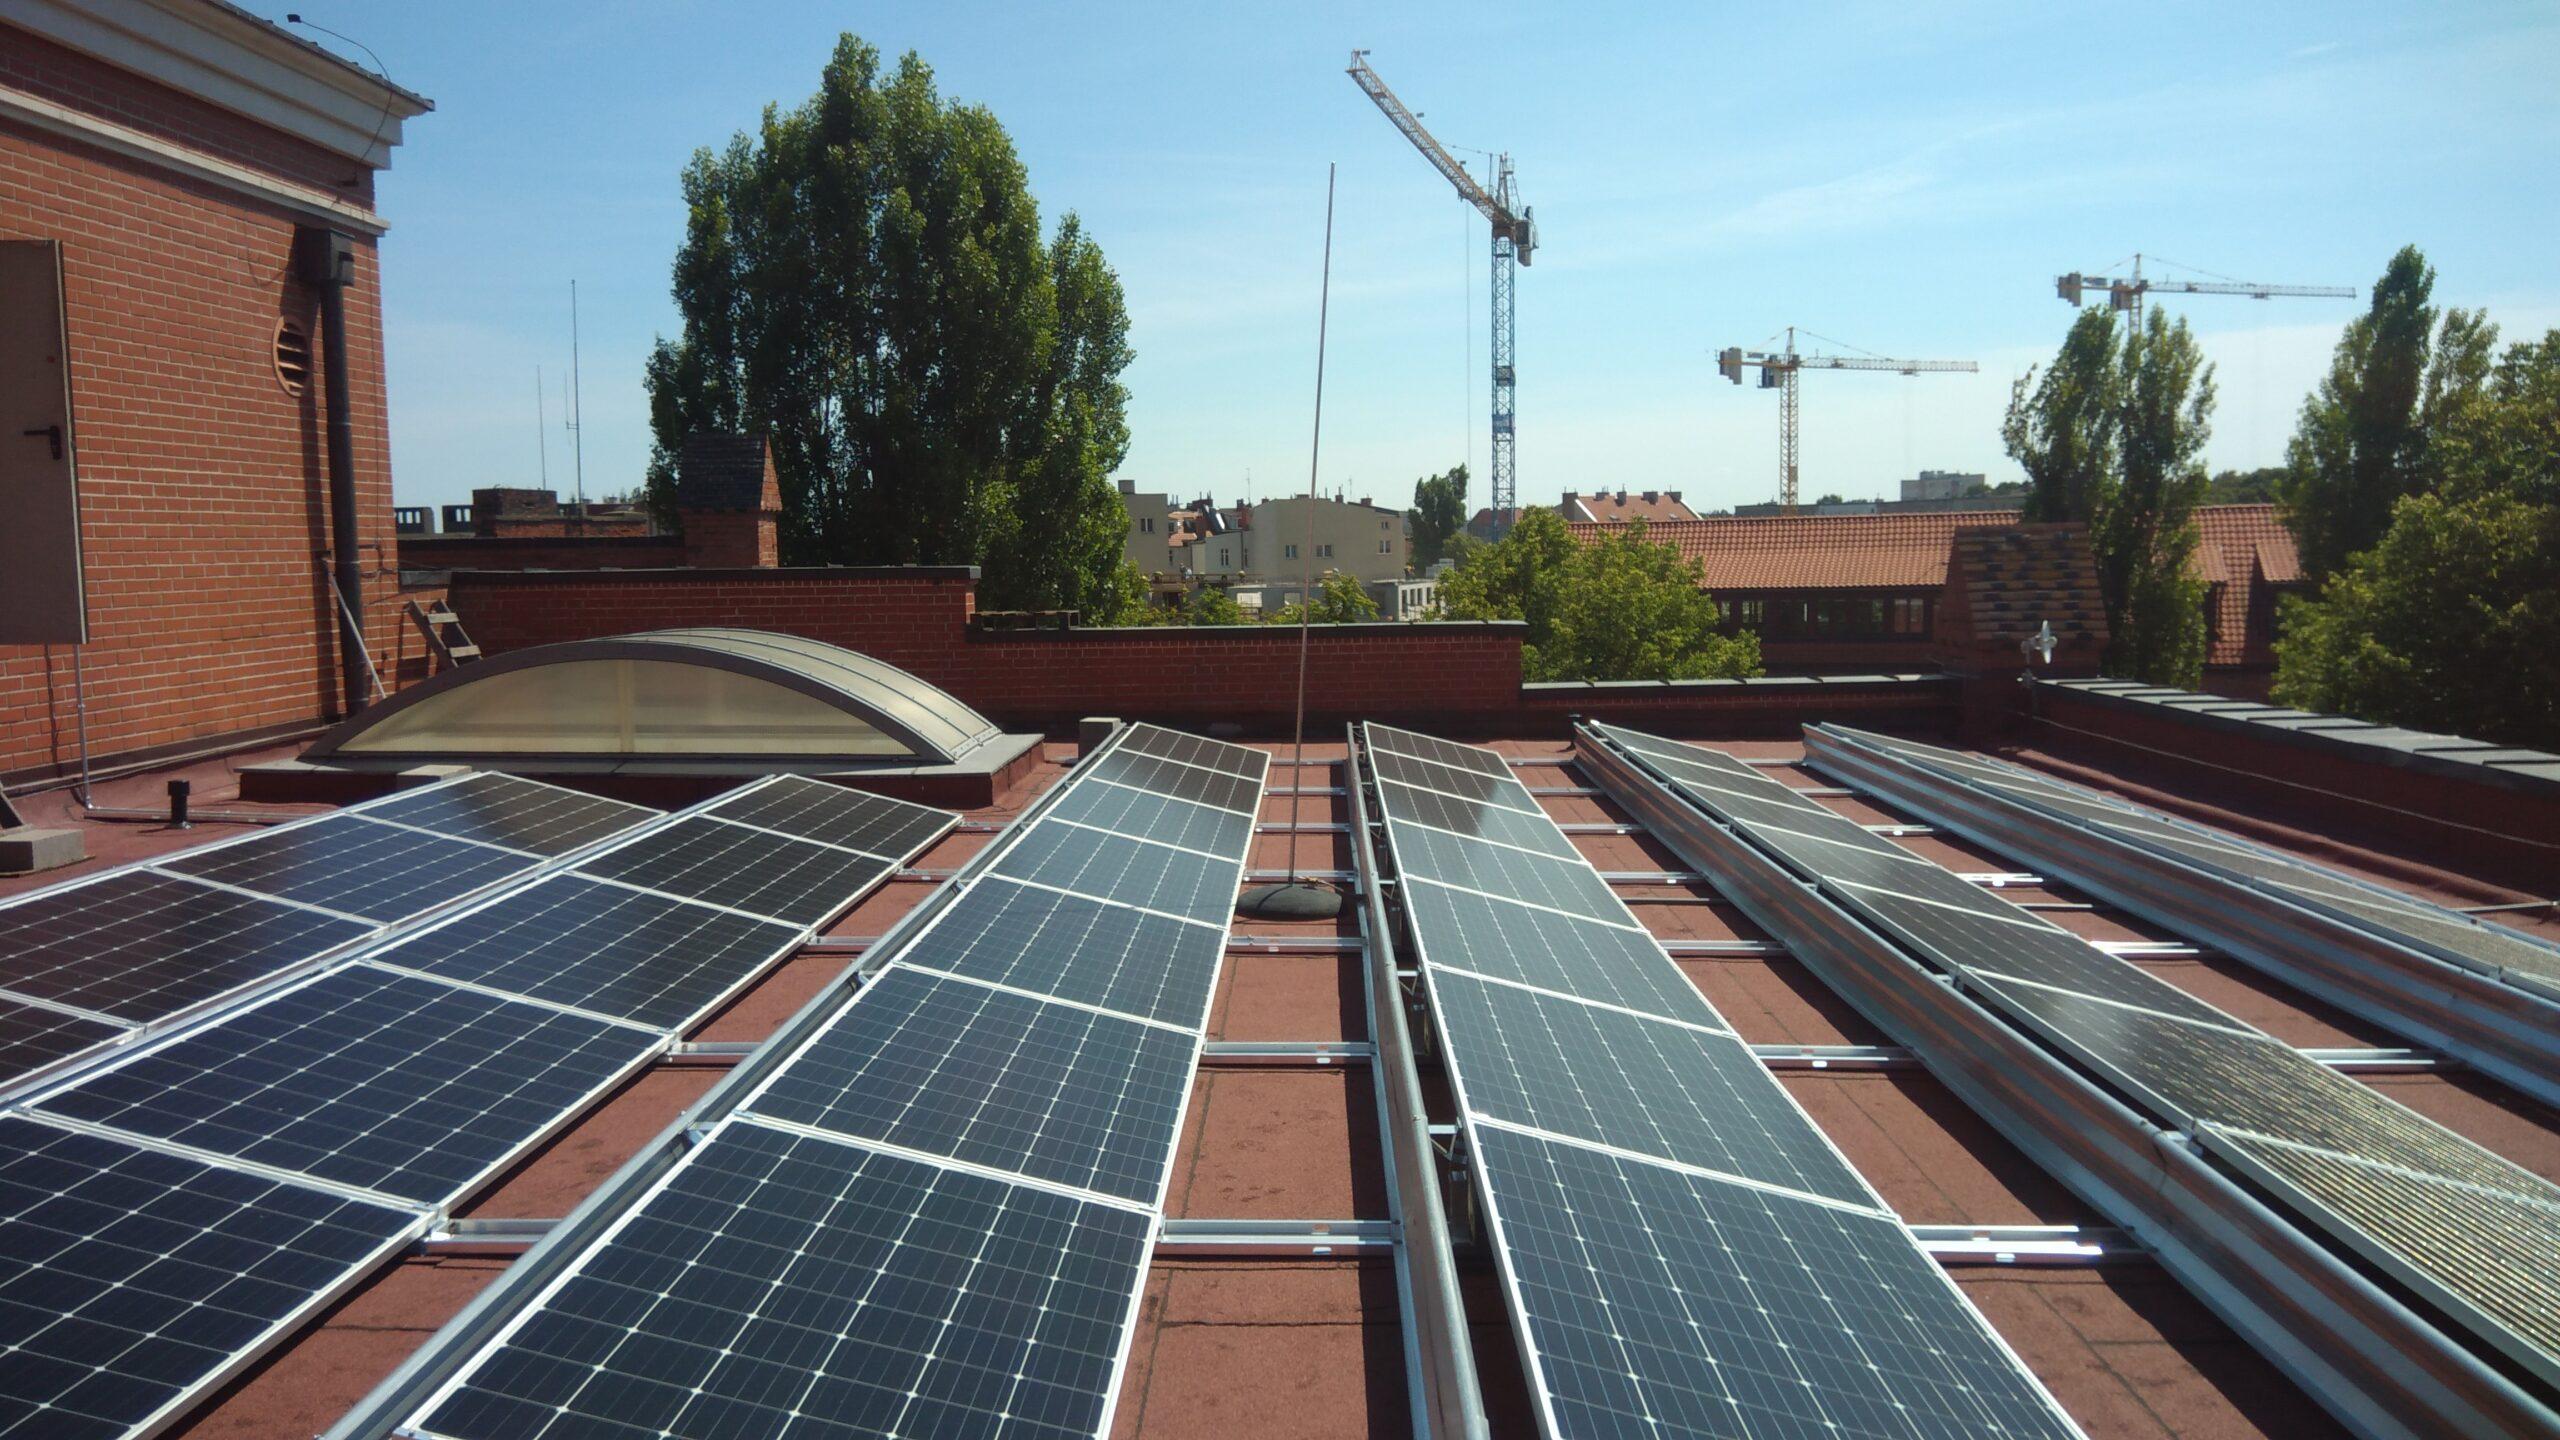 Ocieplenie ścian, modernizacja instalacji i ekologiczne źródła energii. Zakończyła się termomodernizacja muzeów, galerii i teatrów na Pomorzu